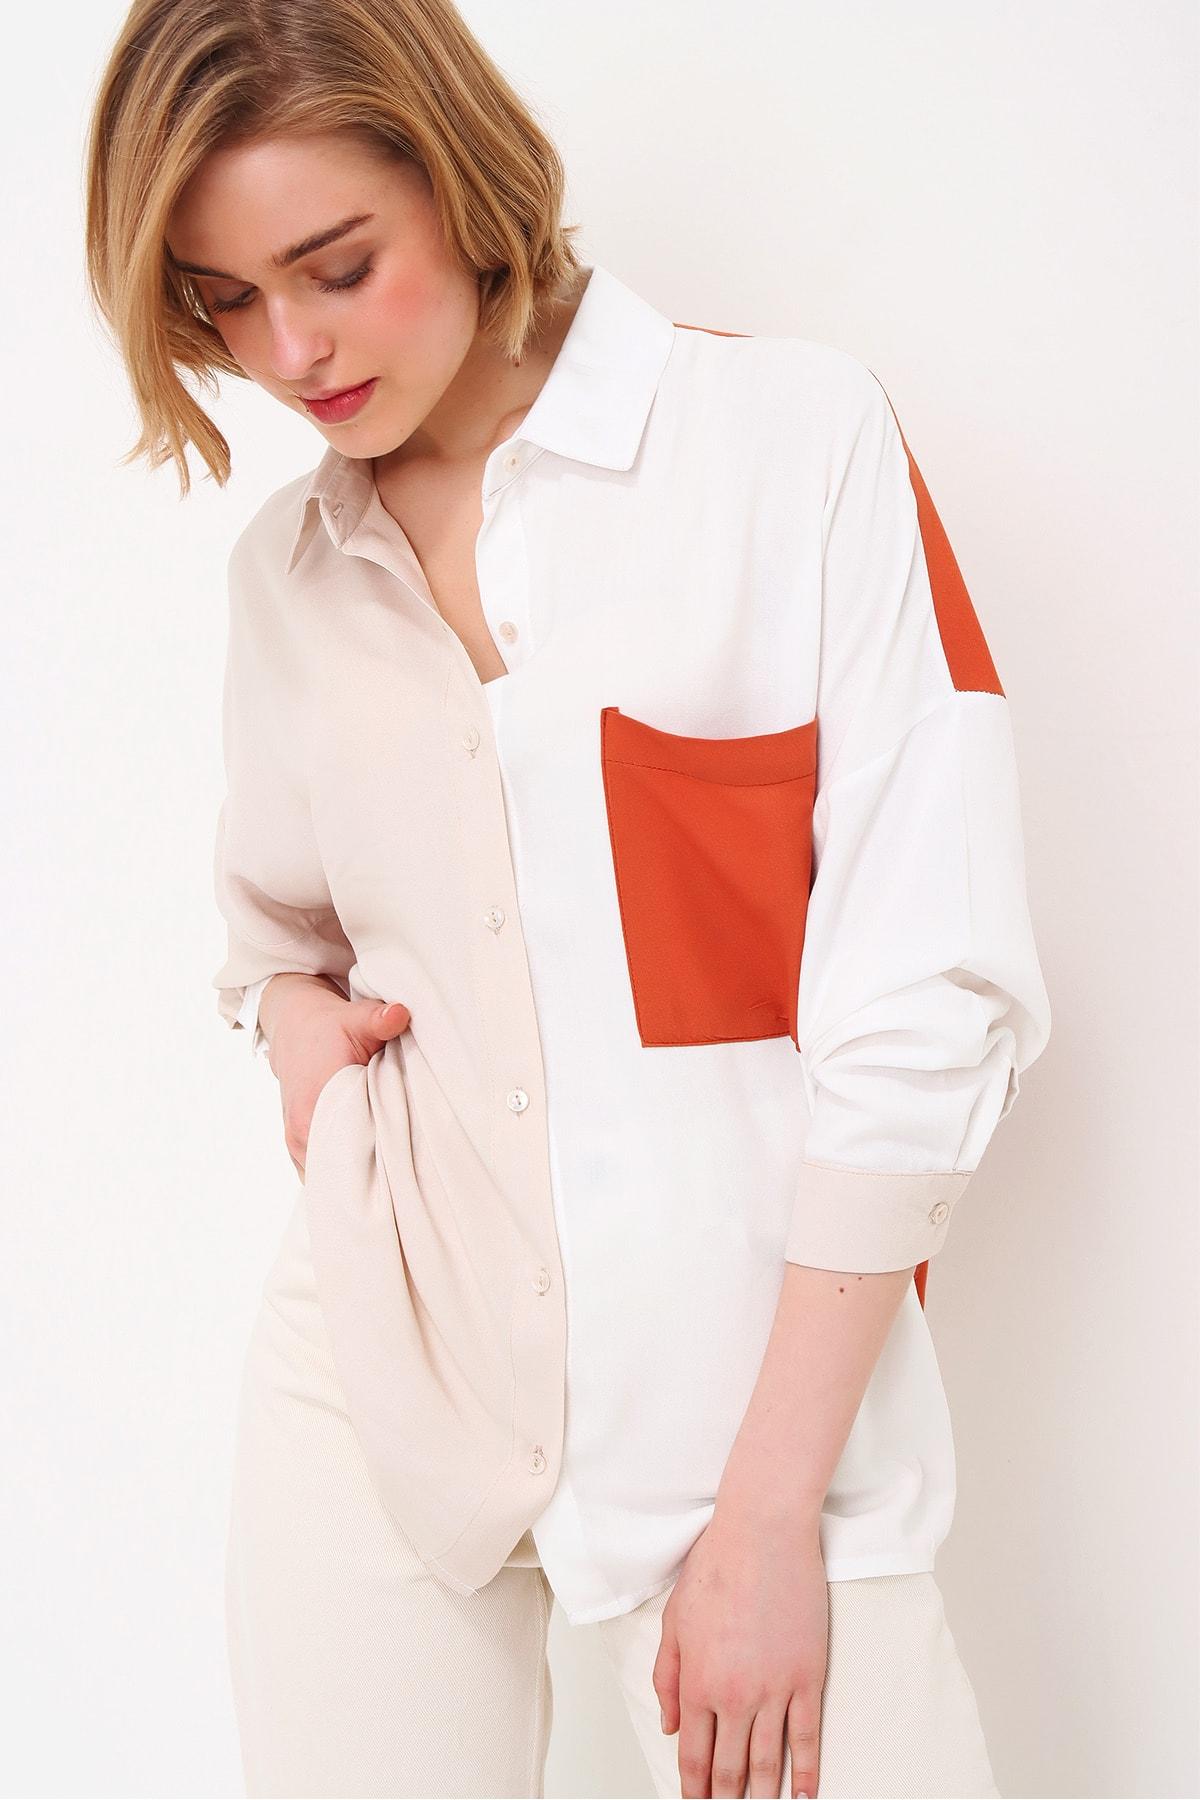 Trend Alaçatı Stili Kadın Ekru Tek Cep Bloklu Dokuma Viscon Gömlek ALC-X5898 2